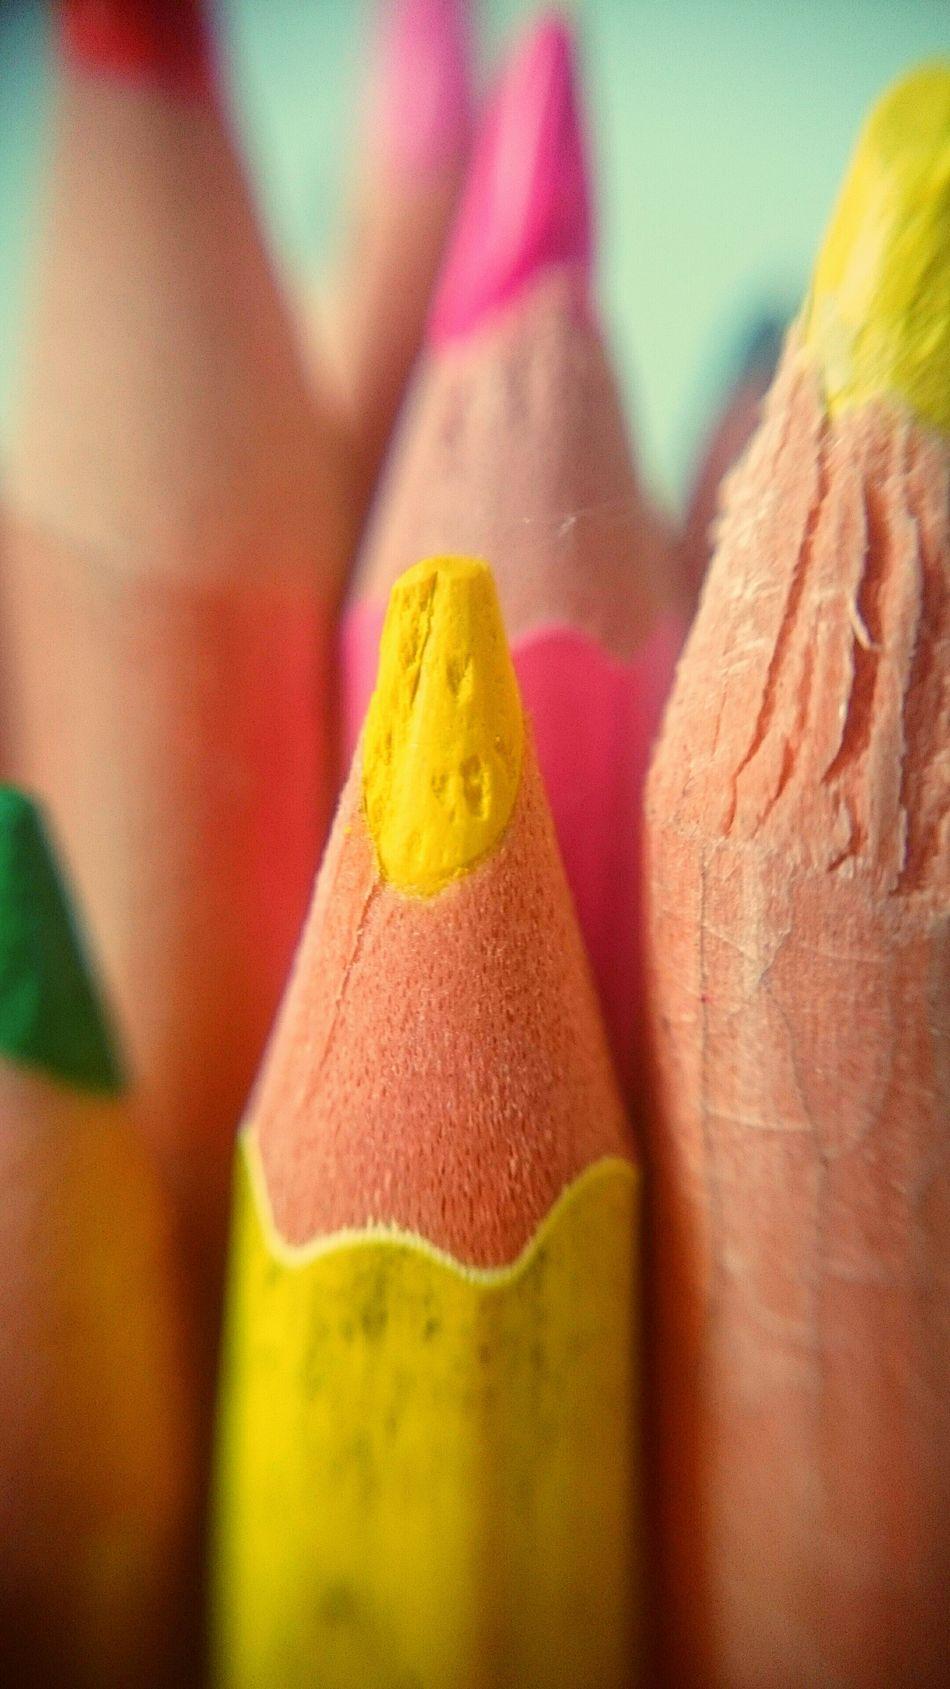 Beautiful stock photos of pencil, Art, Art And Craft, Choice, Close-Up